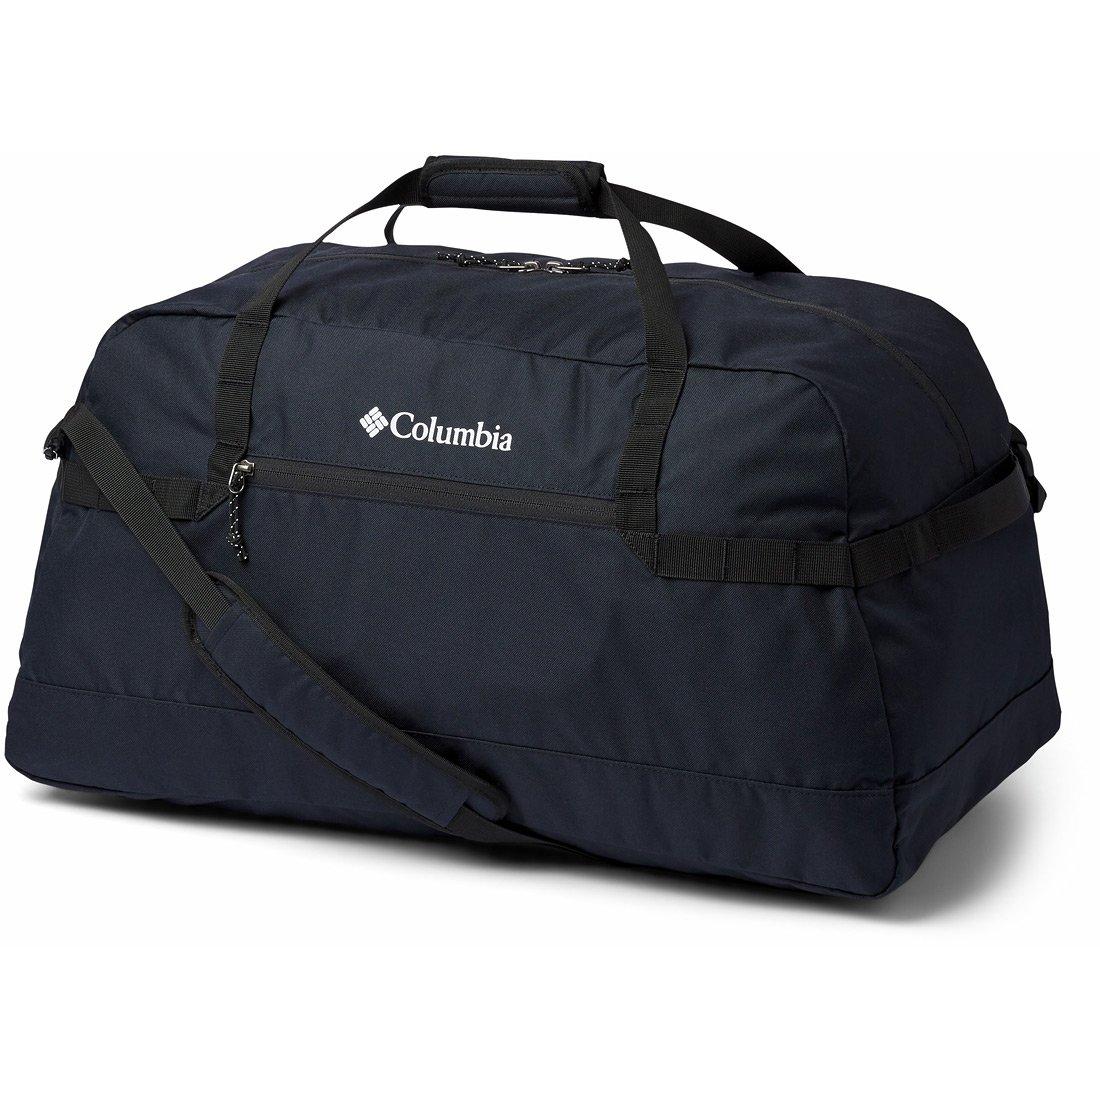 תיק נסיעות - Columbia Lodge Medium 55L Duffle - Columbia